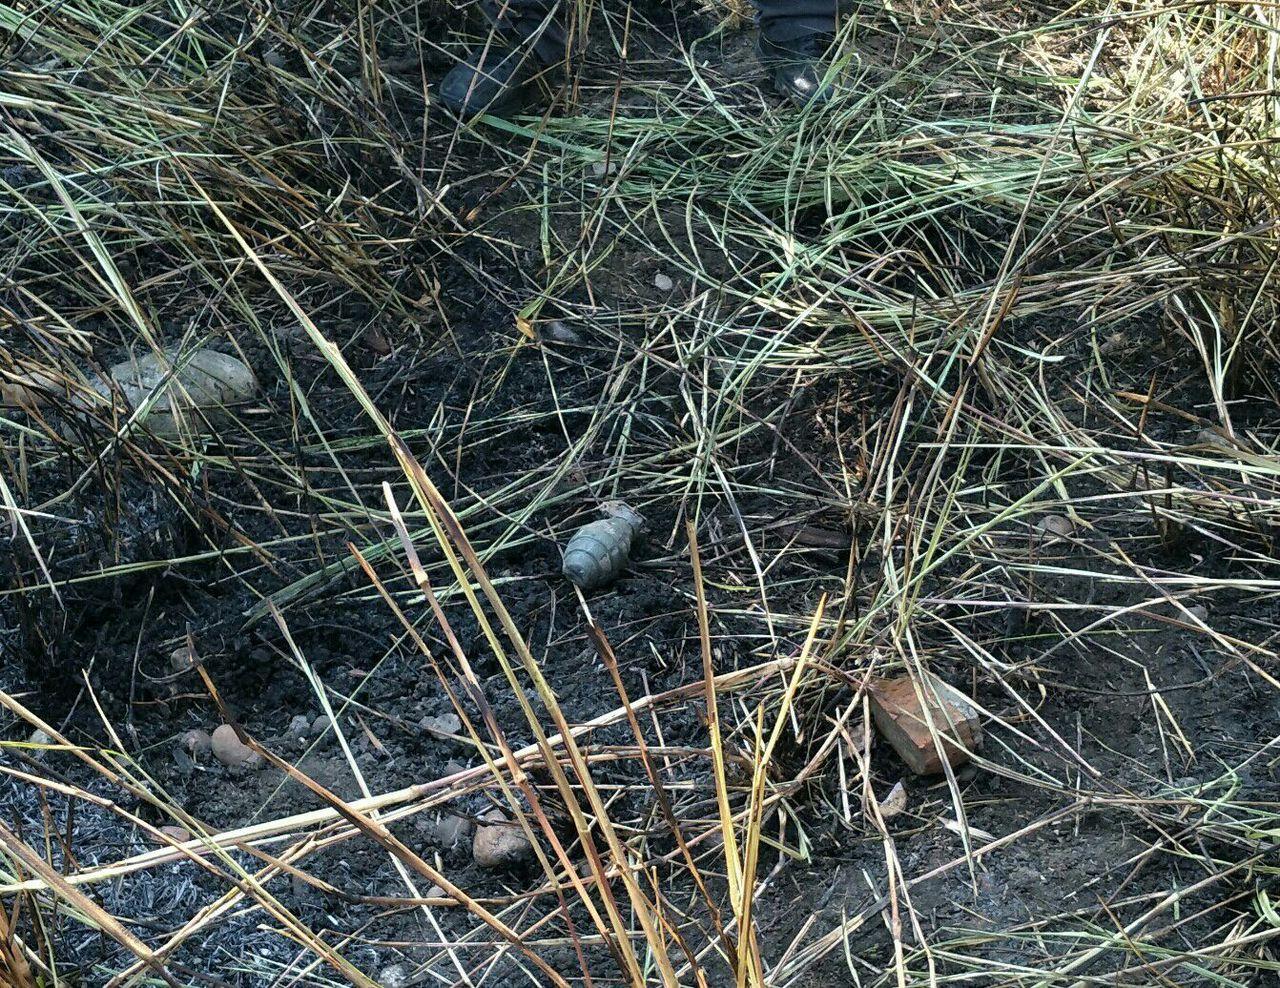 台中市大甲第一公墓附近今天發生雜草火警,撲滅後,發現現場有疑似手榴彈。記者游振昇...